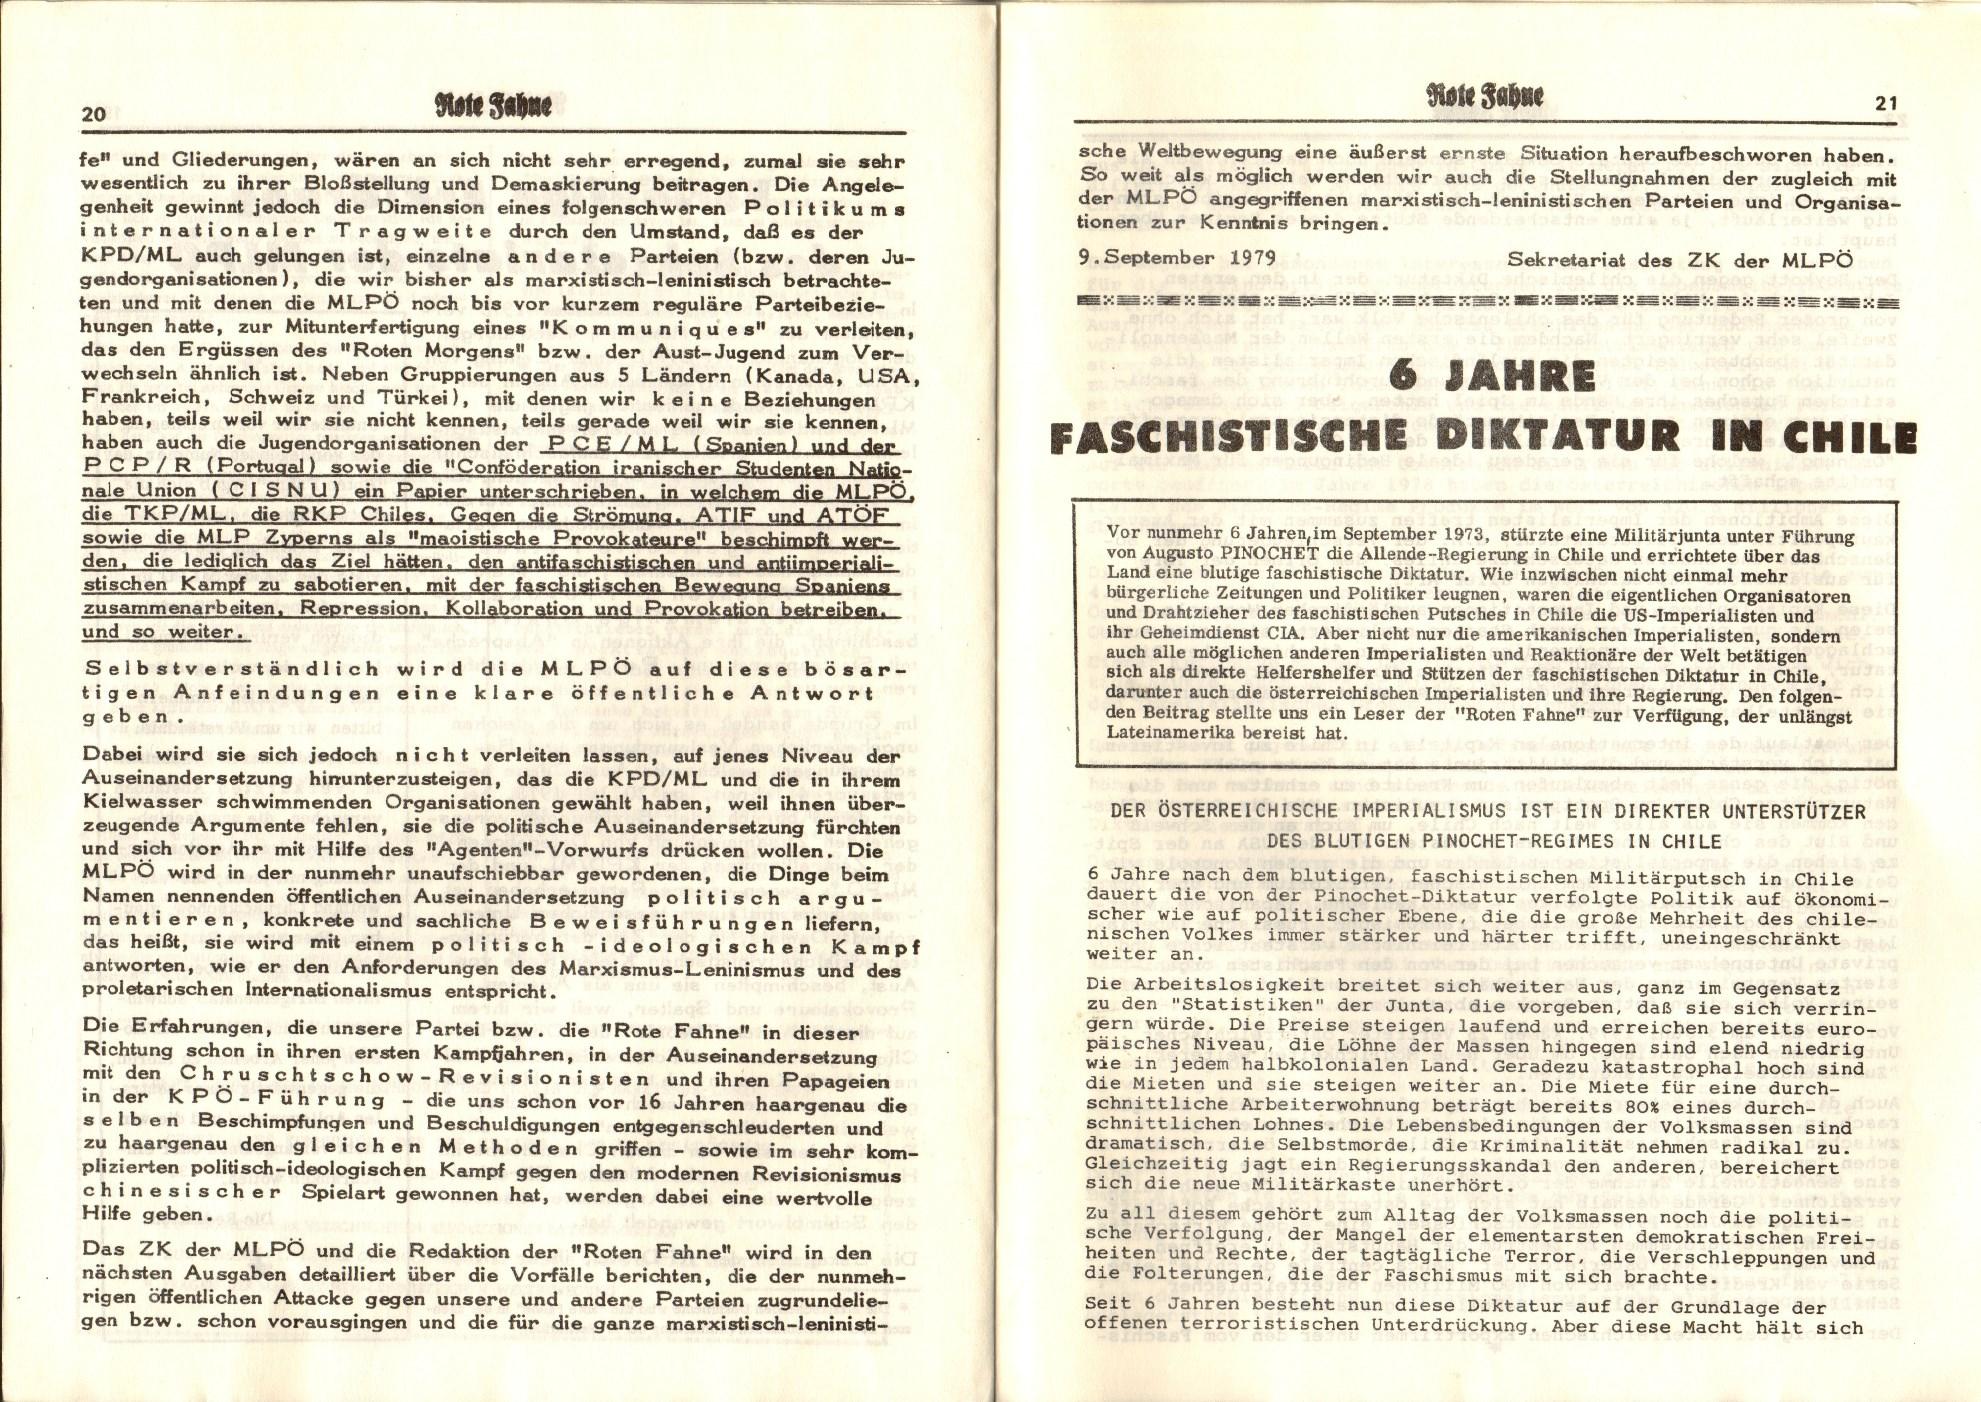 MLPO_Rote_Fahne_1979_174_11